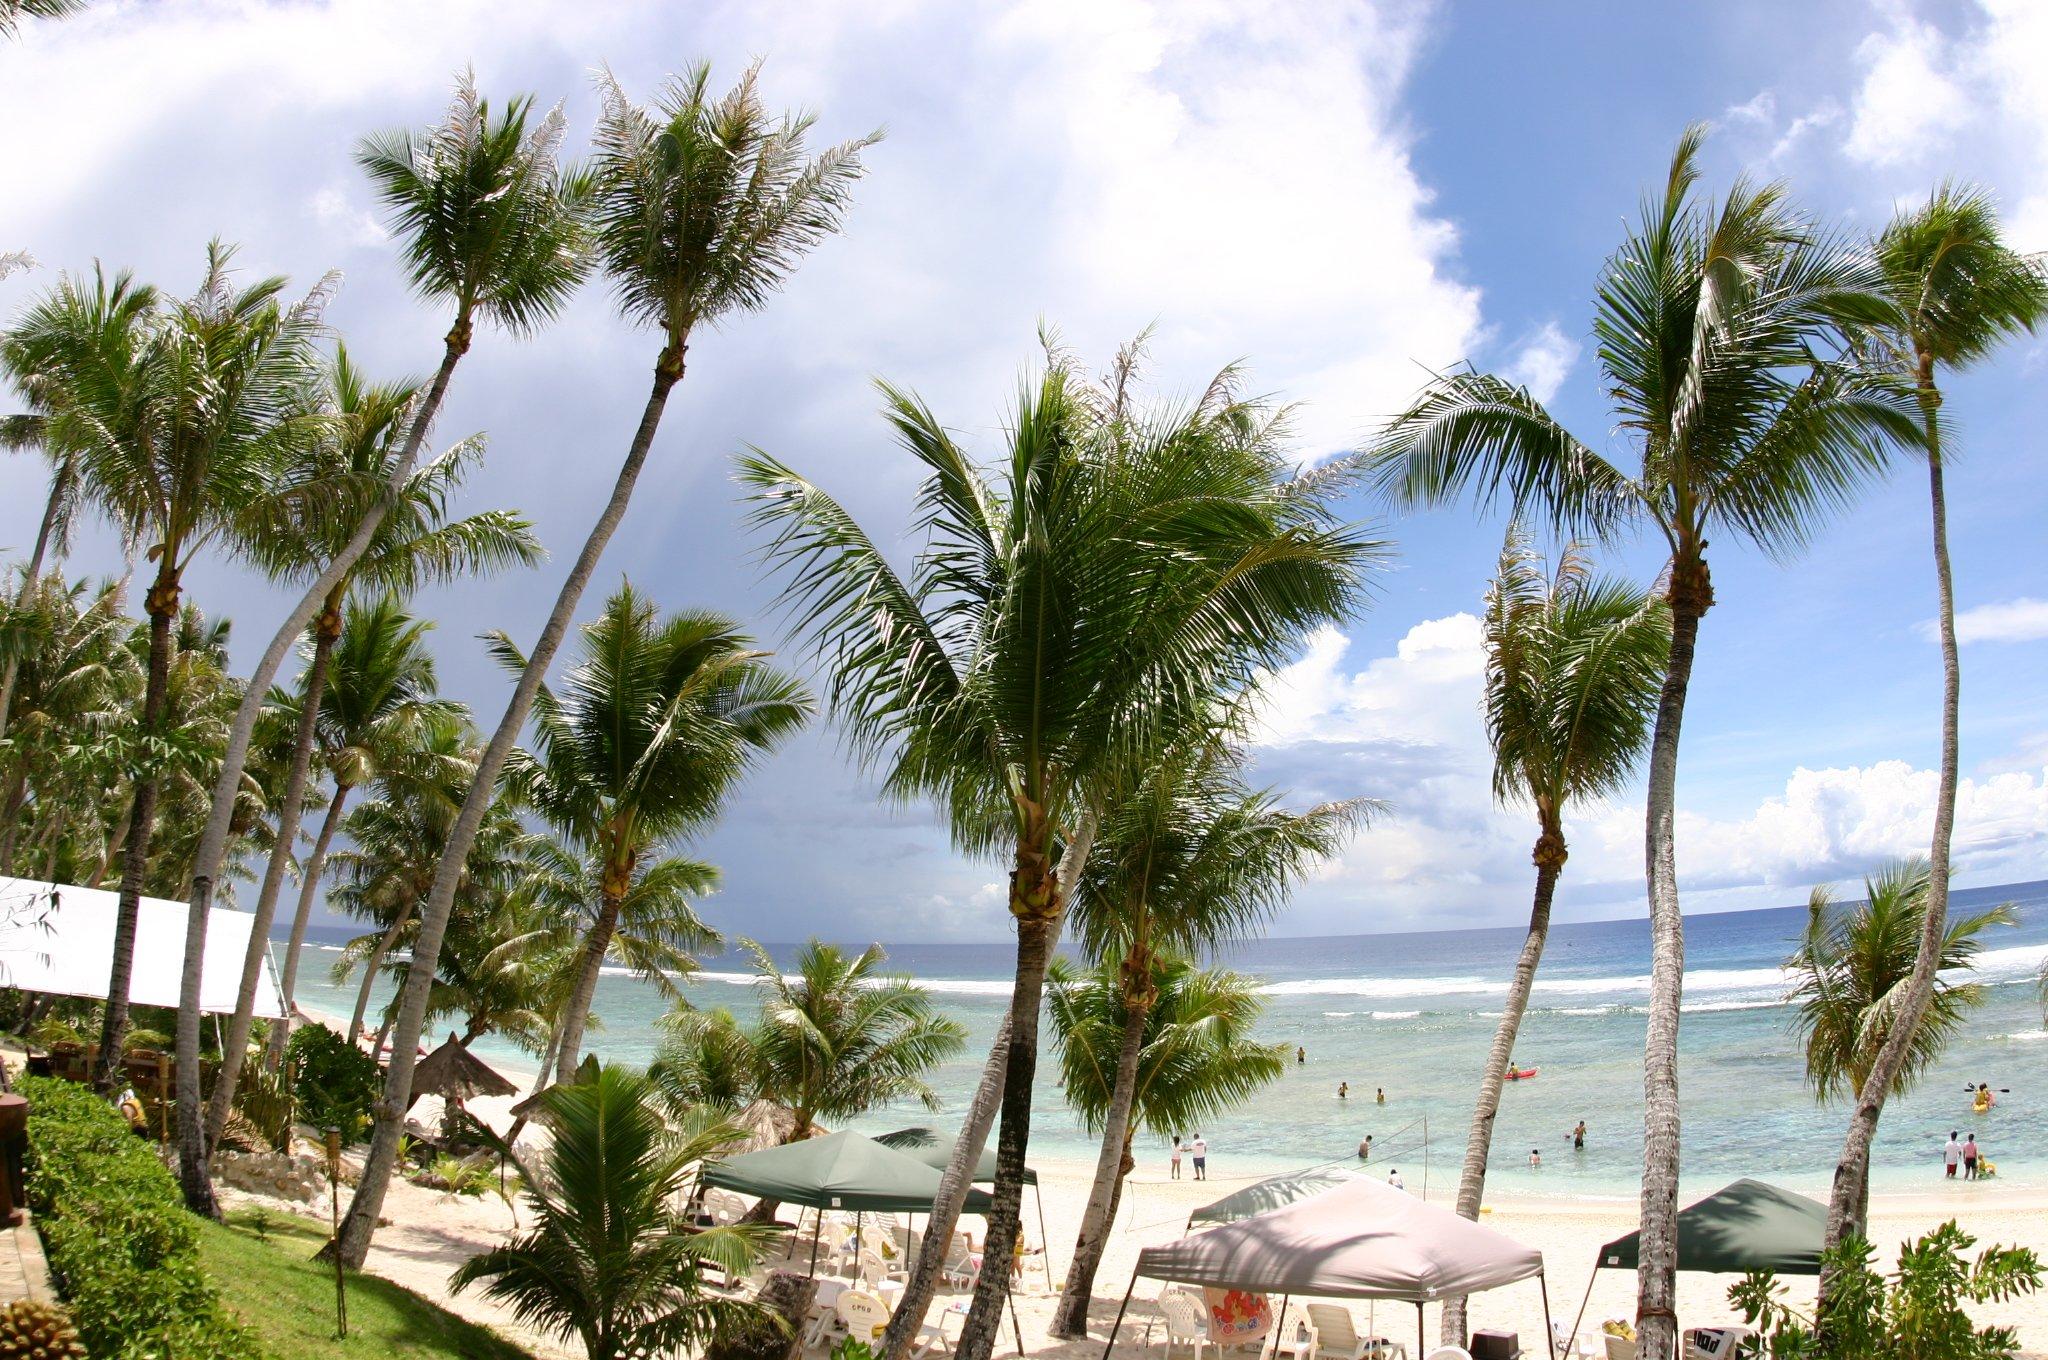 南の島のパラダイス「ココパームガーデンビーチ」